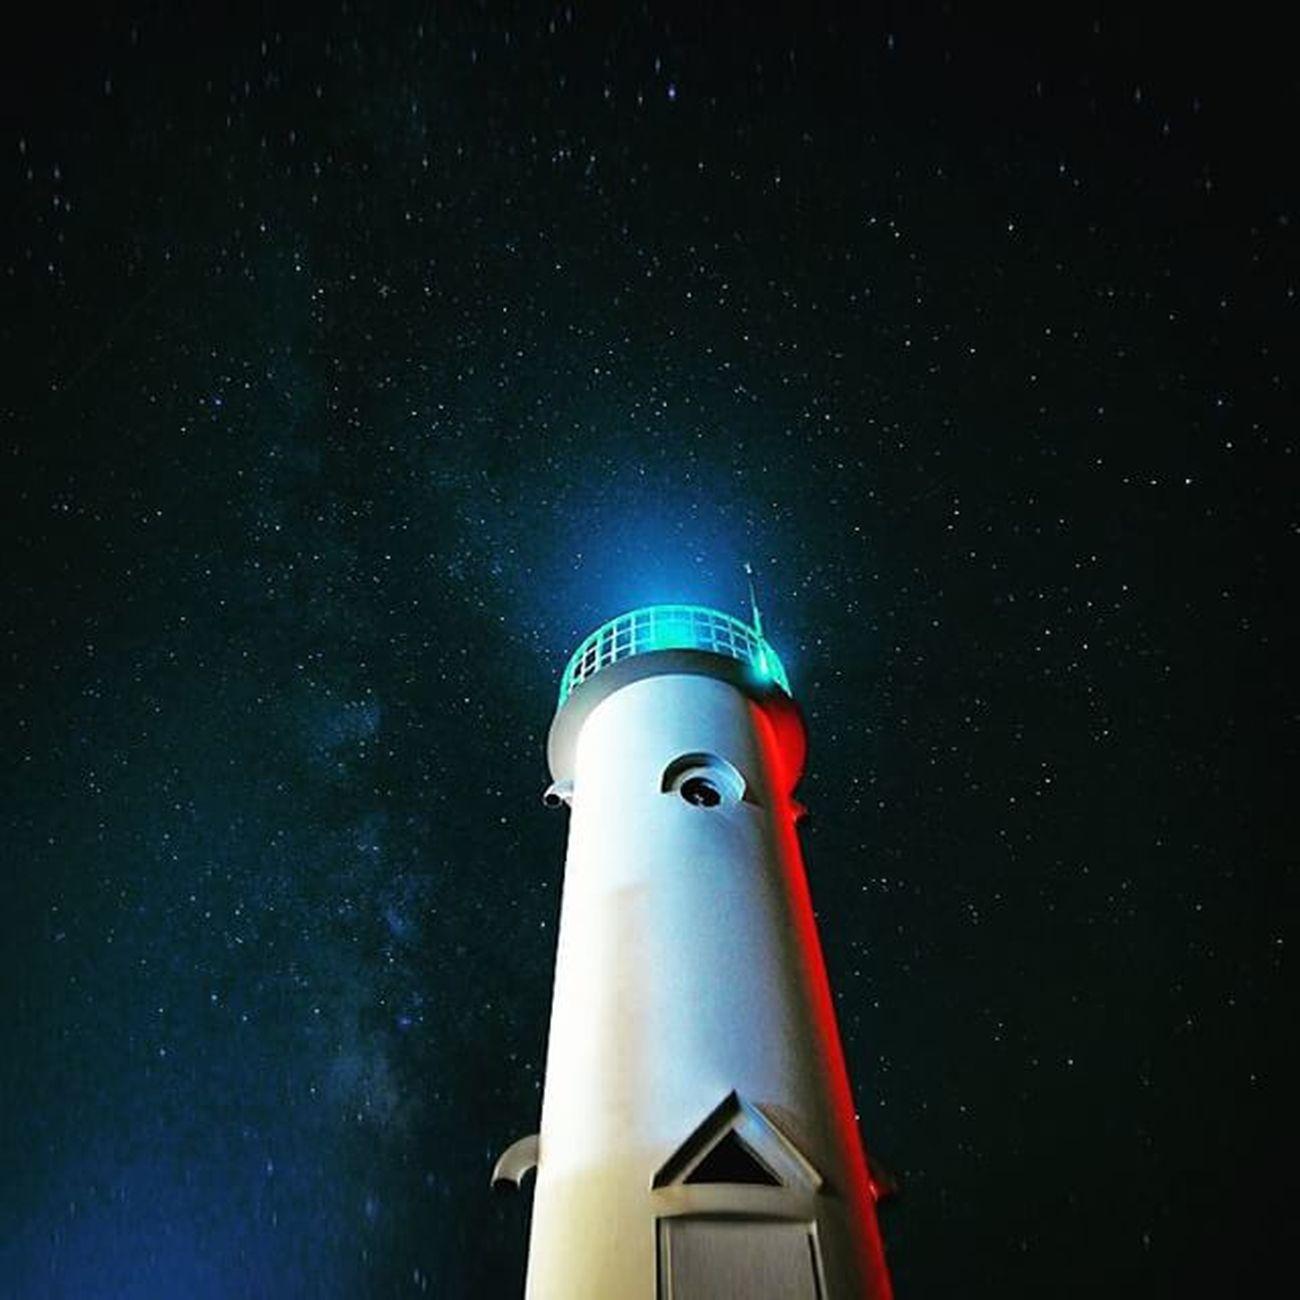 등대샷. 시간나면 또 찍으러가고픈- 은하수 등대 Galaxy Star 별 nightsky skyline 밤하늘